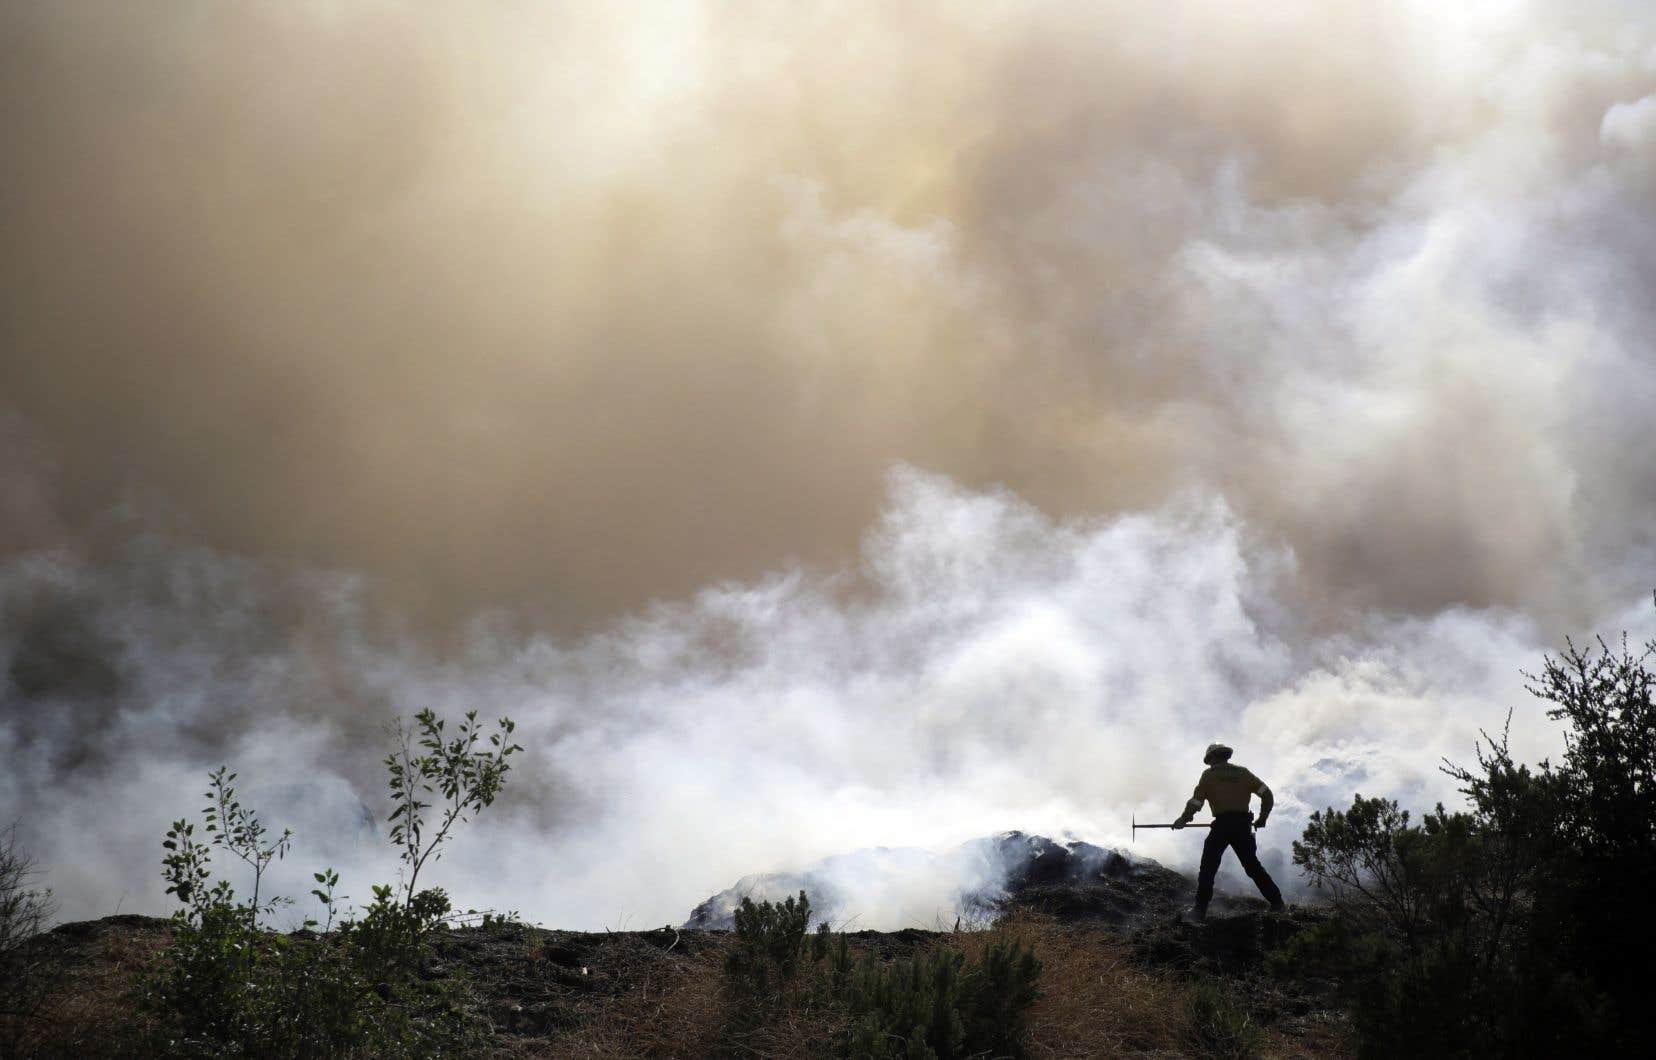 «Malheureusement, c'est vrai, la saison des incendies est plus longue. Avant on avait l'habitude qu'elle dure trois ou quatre mois, désormais on a des situations comme celle-ci tout au long de l'année», explique Al Poirier, officier des pompiers de Los Angeles.